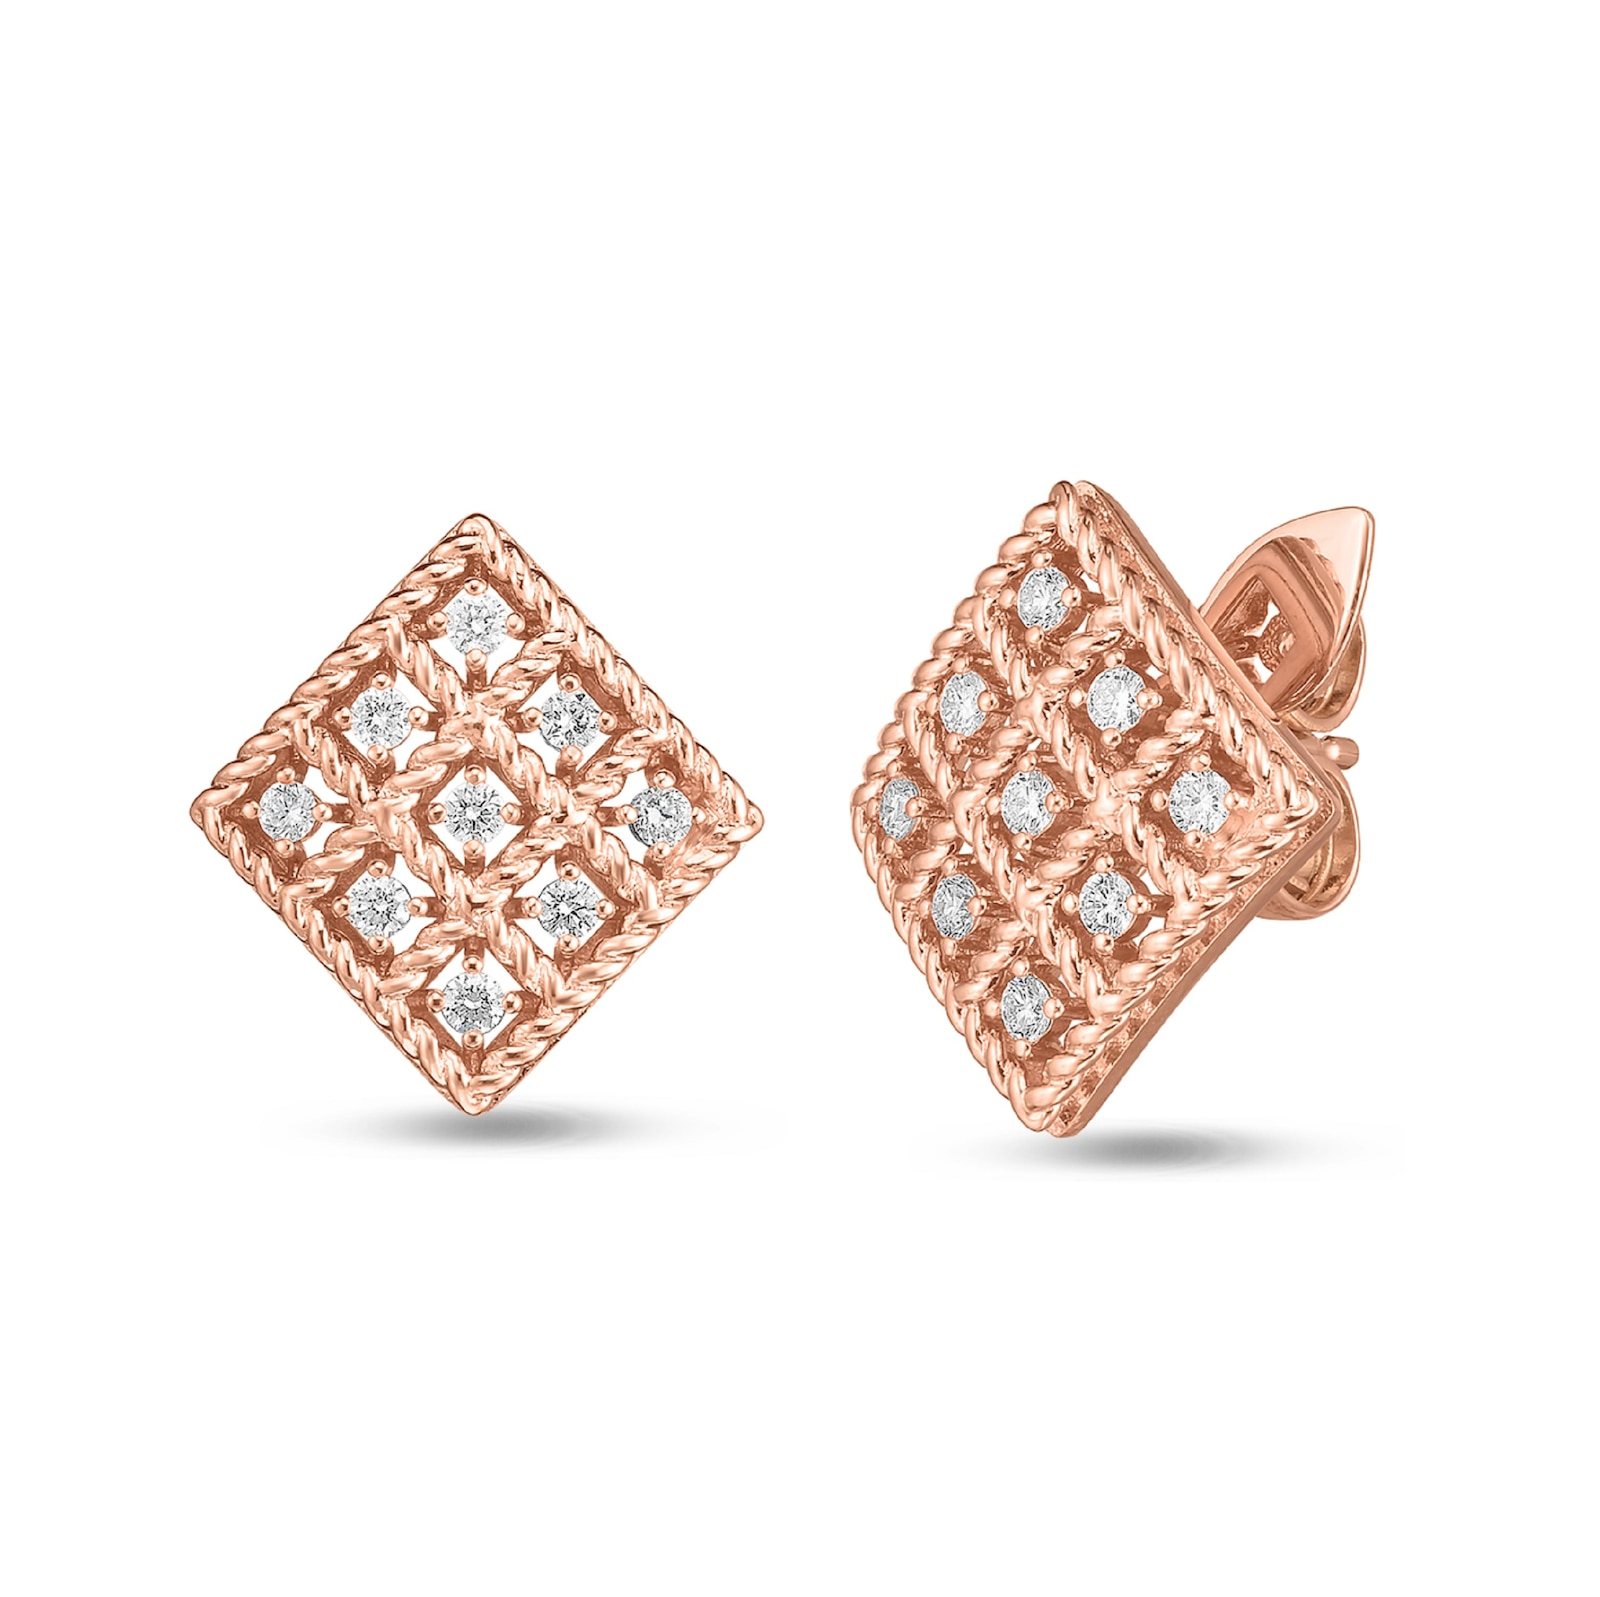 Roberto Coin Roberto Coin Byzantine Barocco Diamond Earrings